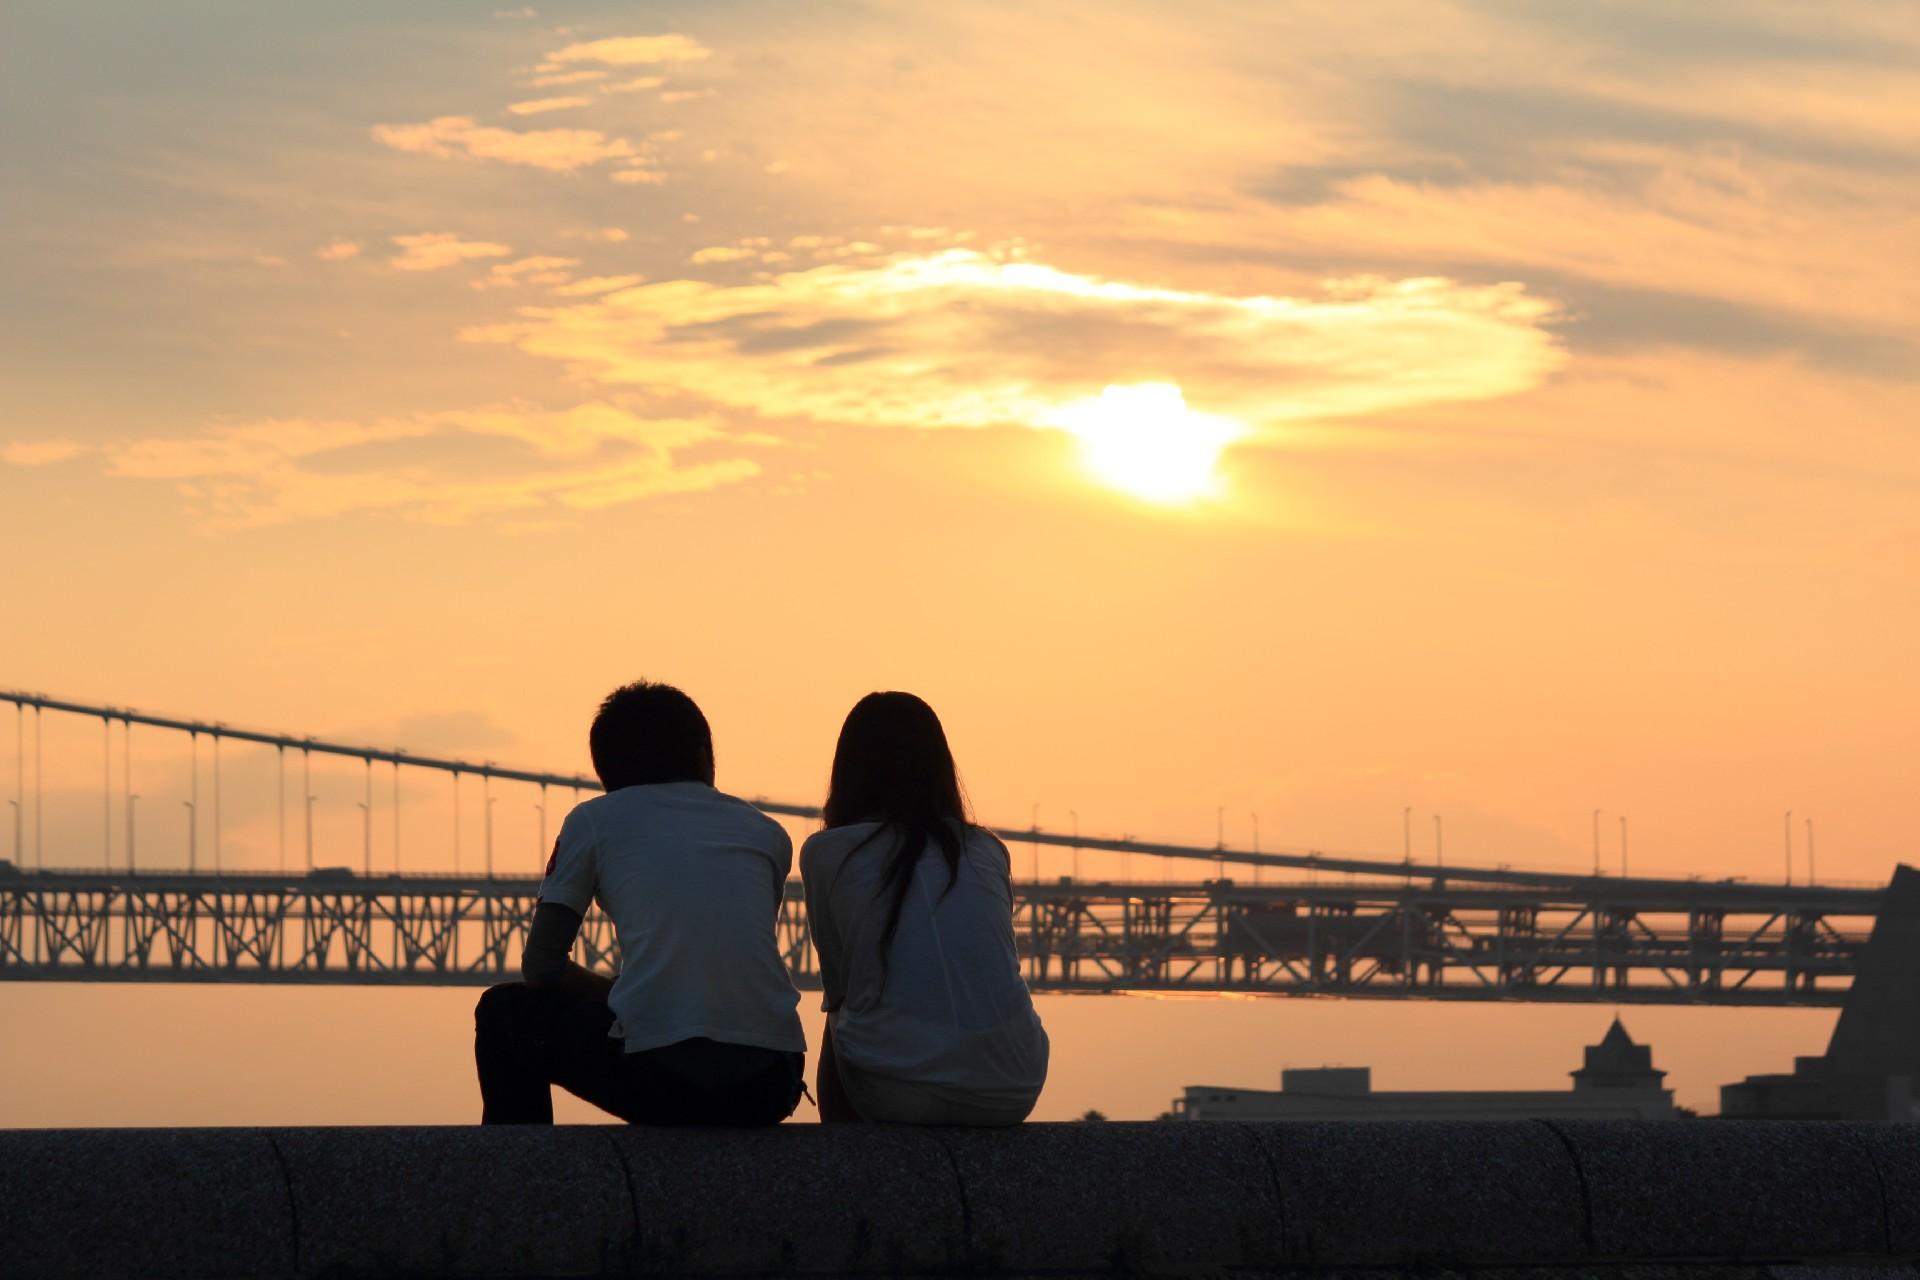 ちょっとしたことで大丈夫!恋愛が長続きする秘訣はなんだろう?のサムネイル画像